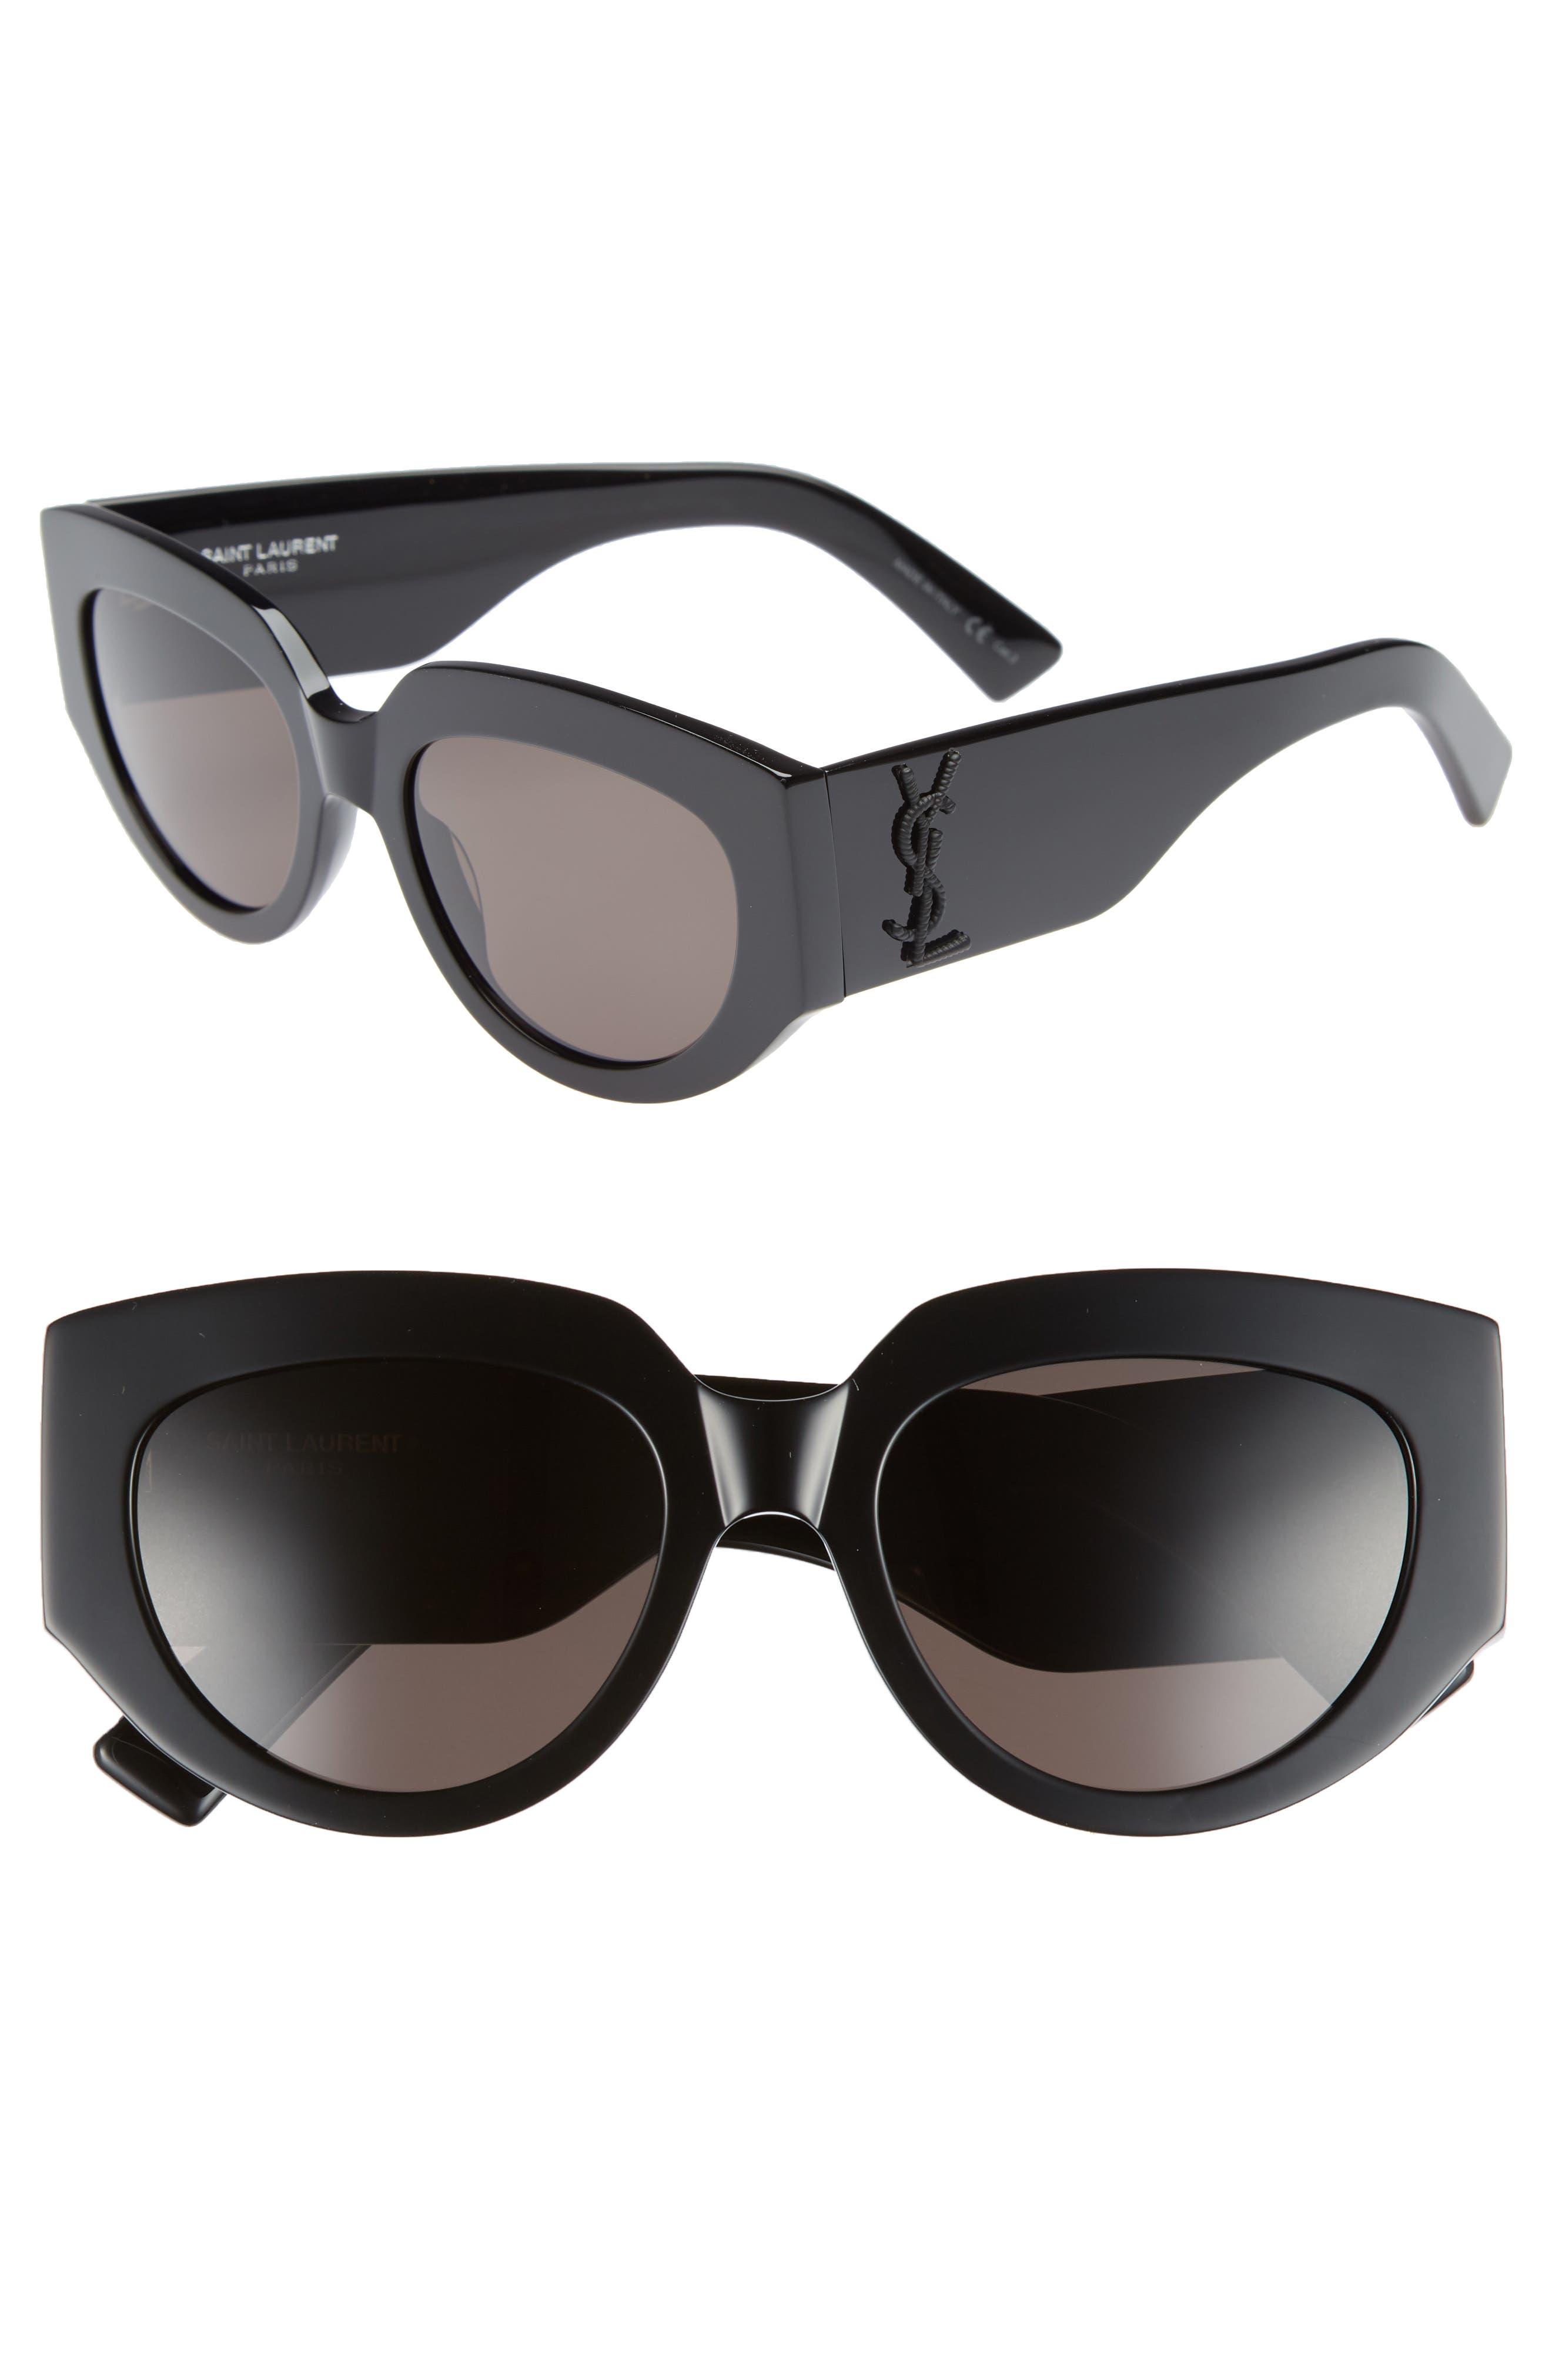 Saint Laurent Rope 54mm Cat Eye Sunglasses